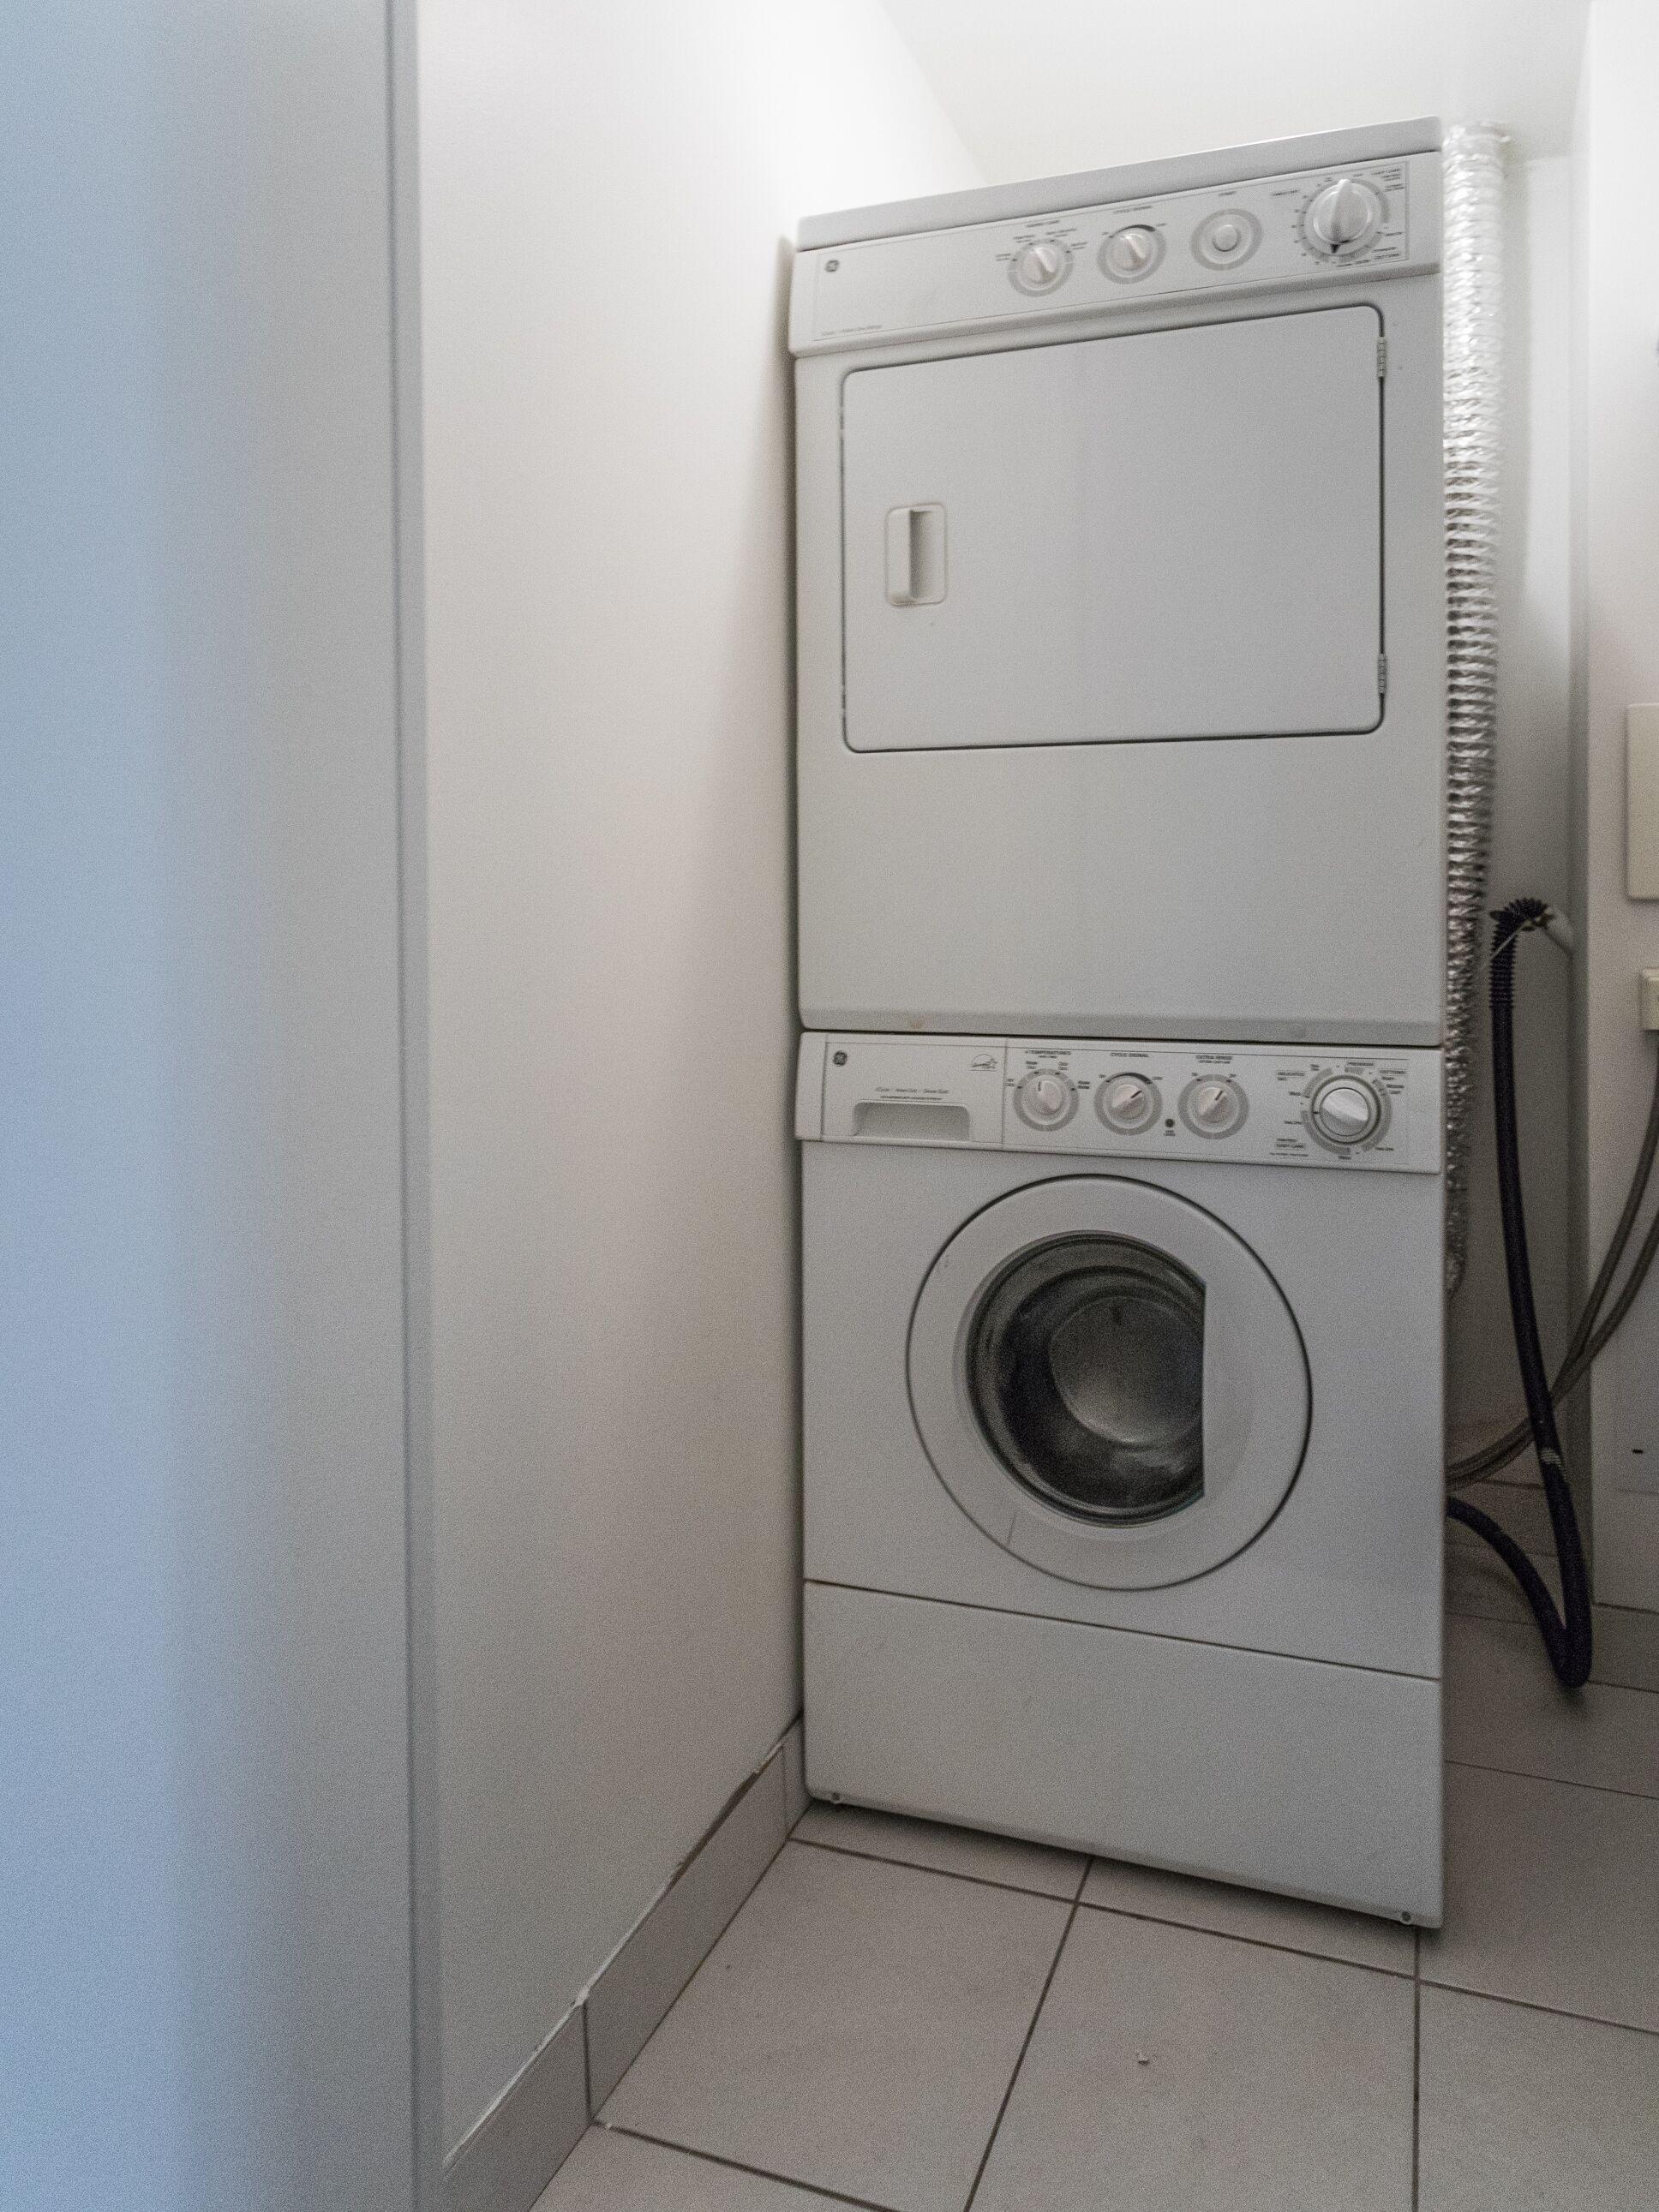 8 Scollard laundry.jpeg